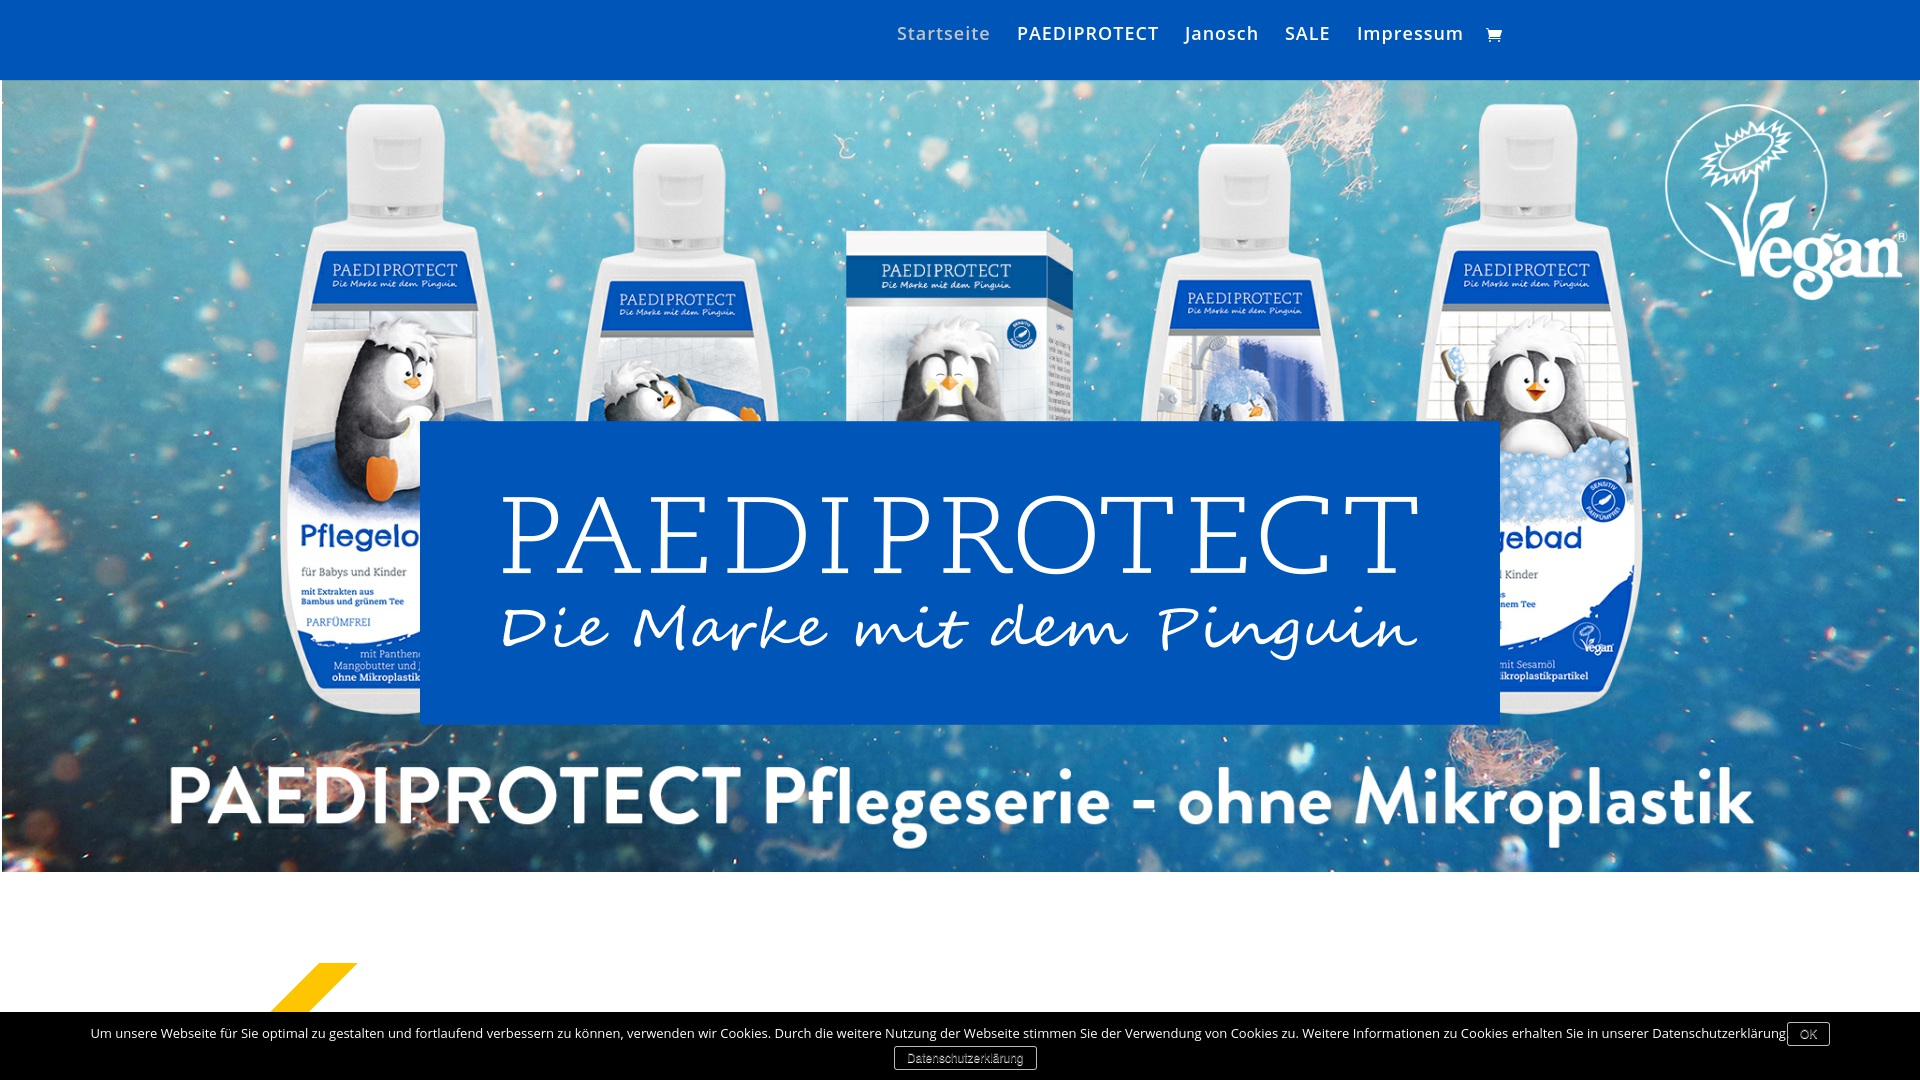 Gutschein für Ppcreme: Rabatte für  Ppcreme sichern